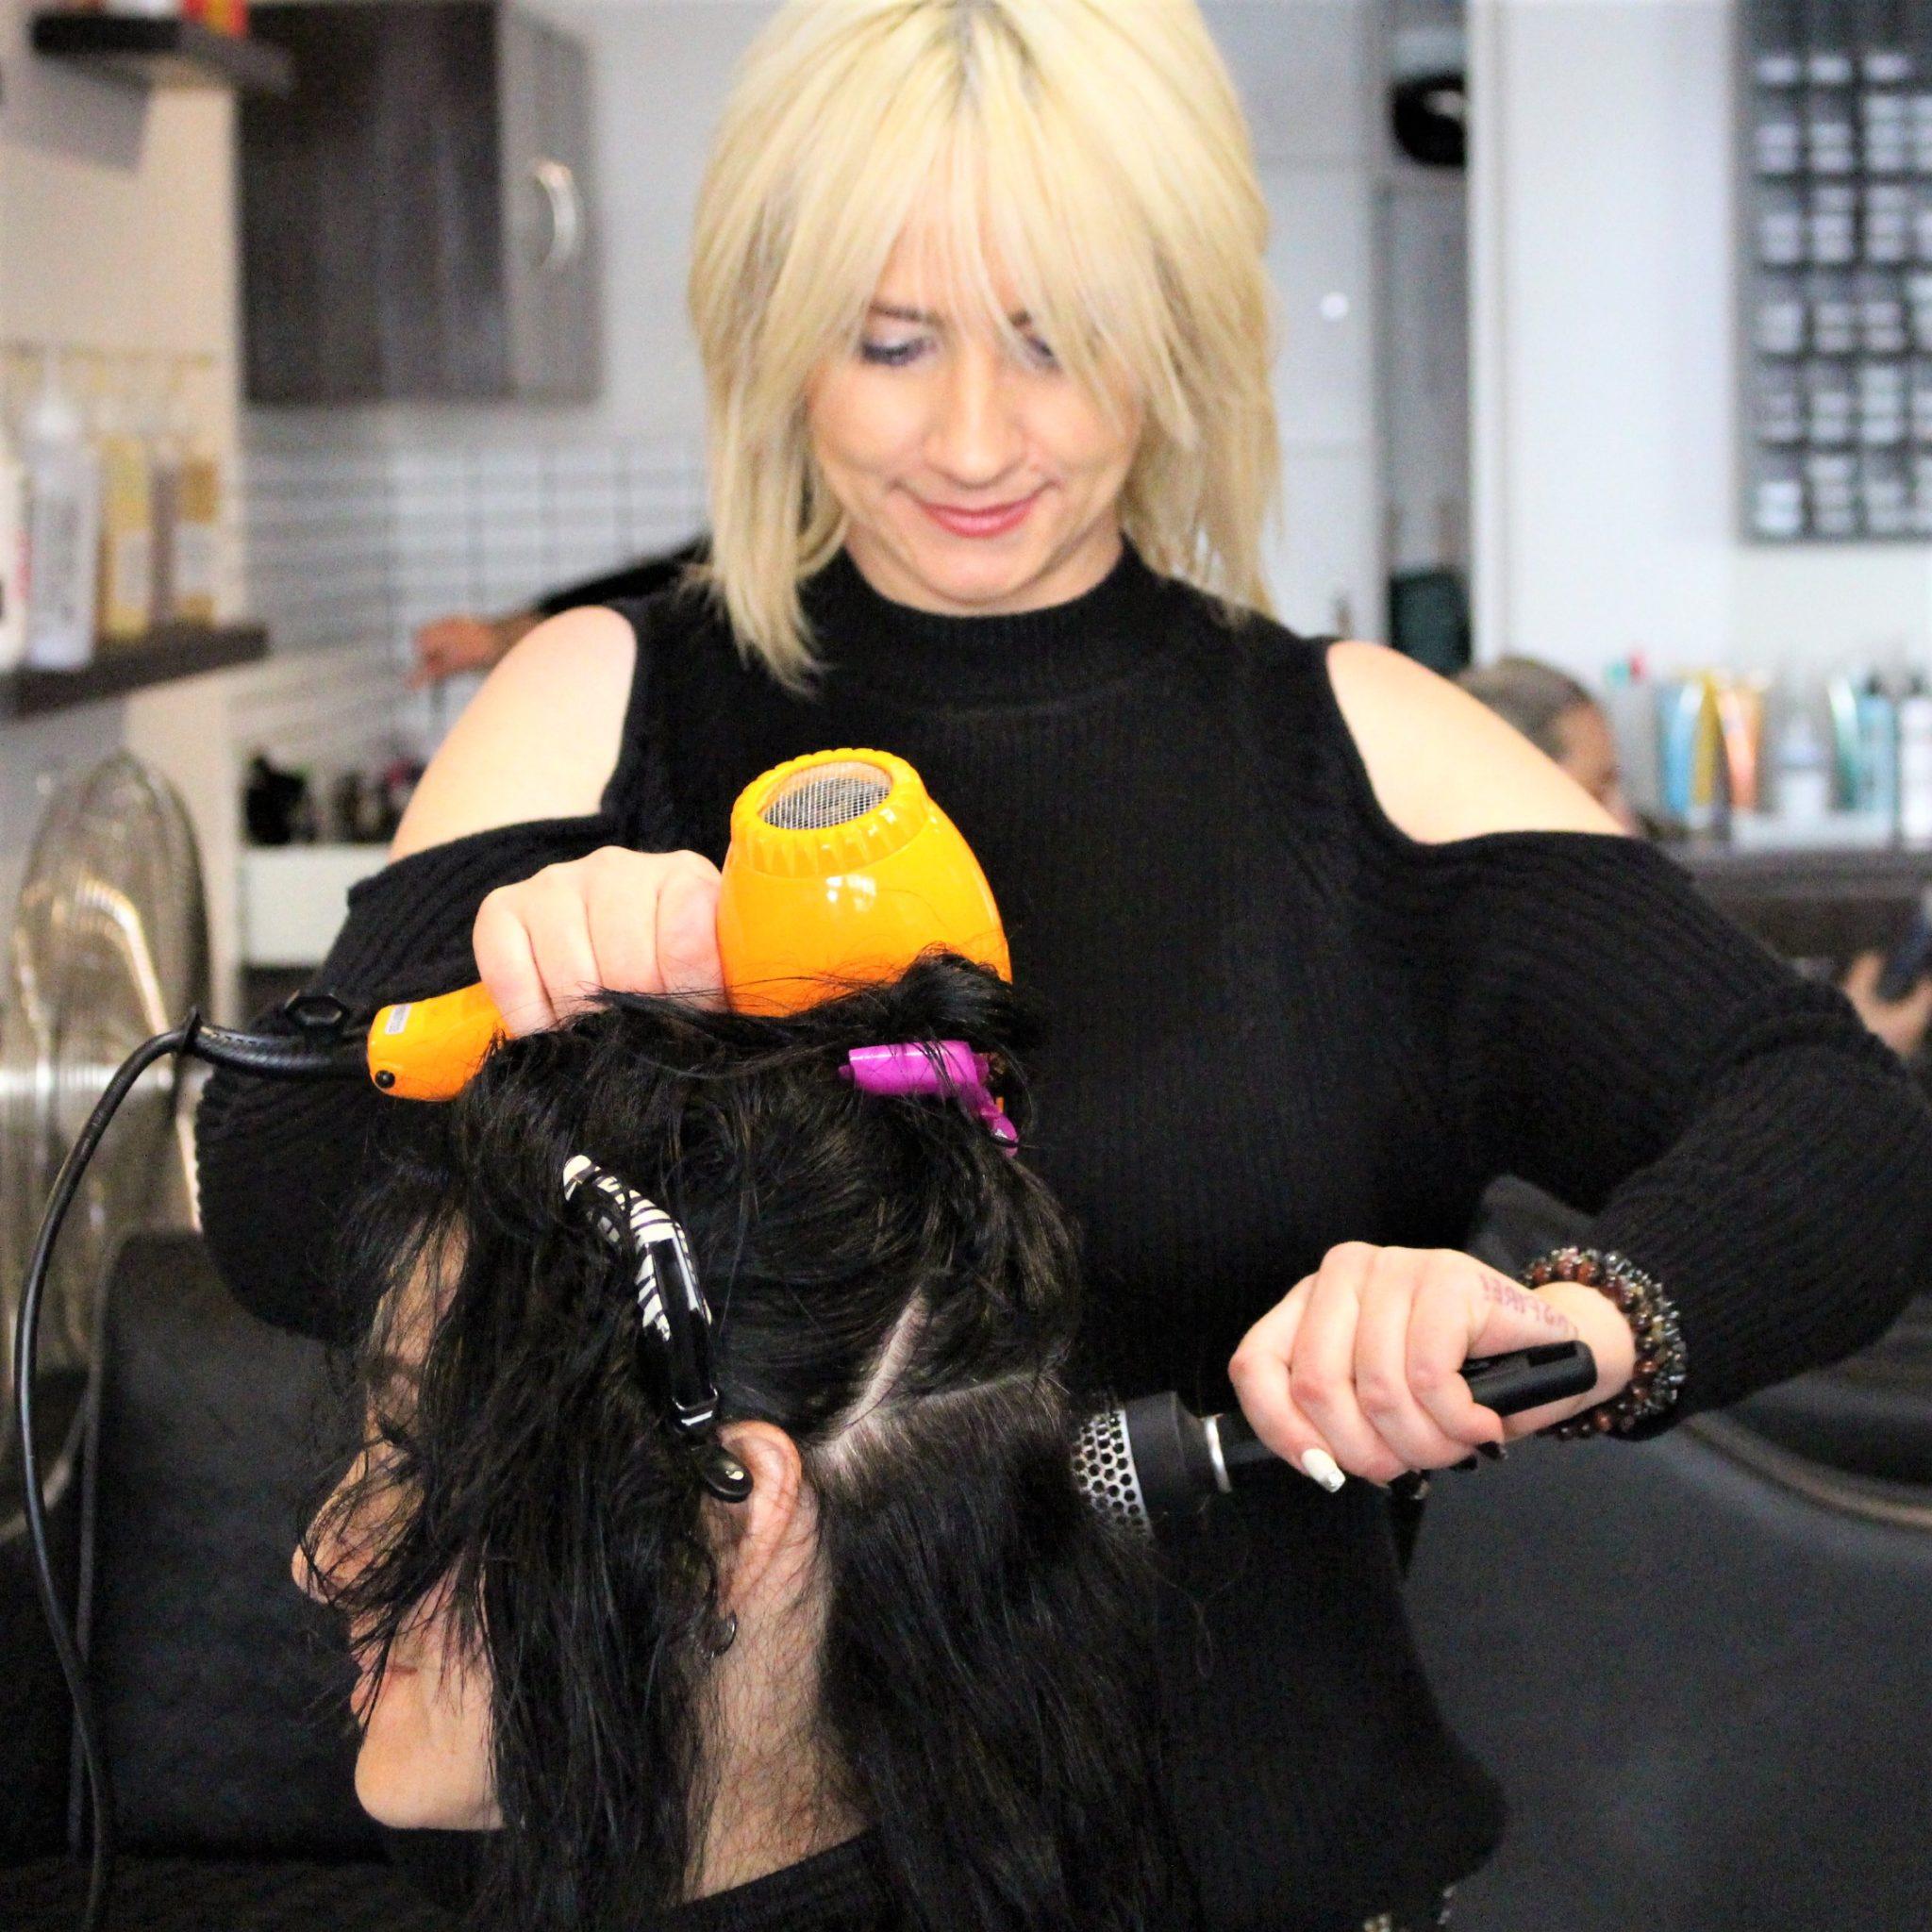 Australian Hairdresser sydney Freelance and mobile hairdressing crystal john ston